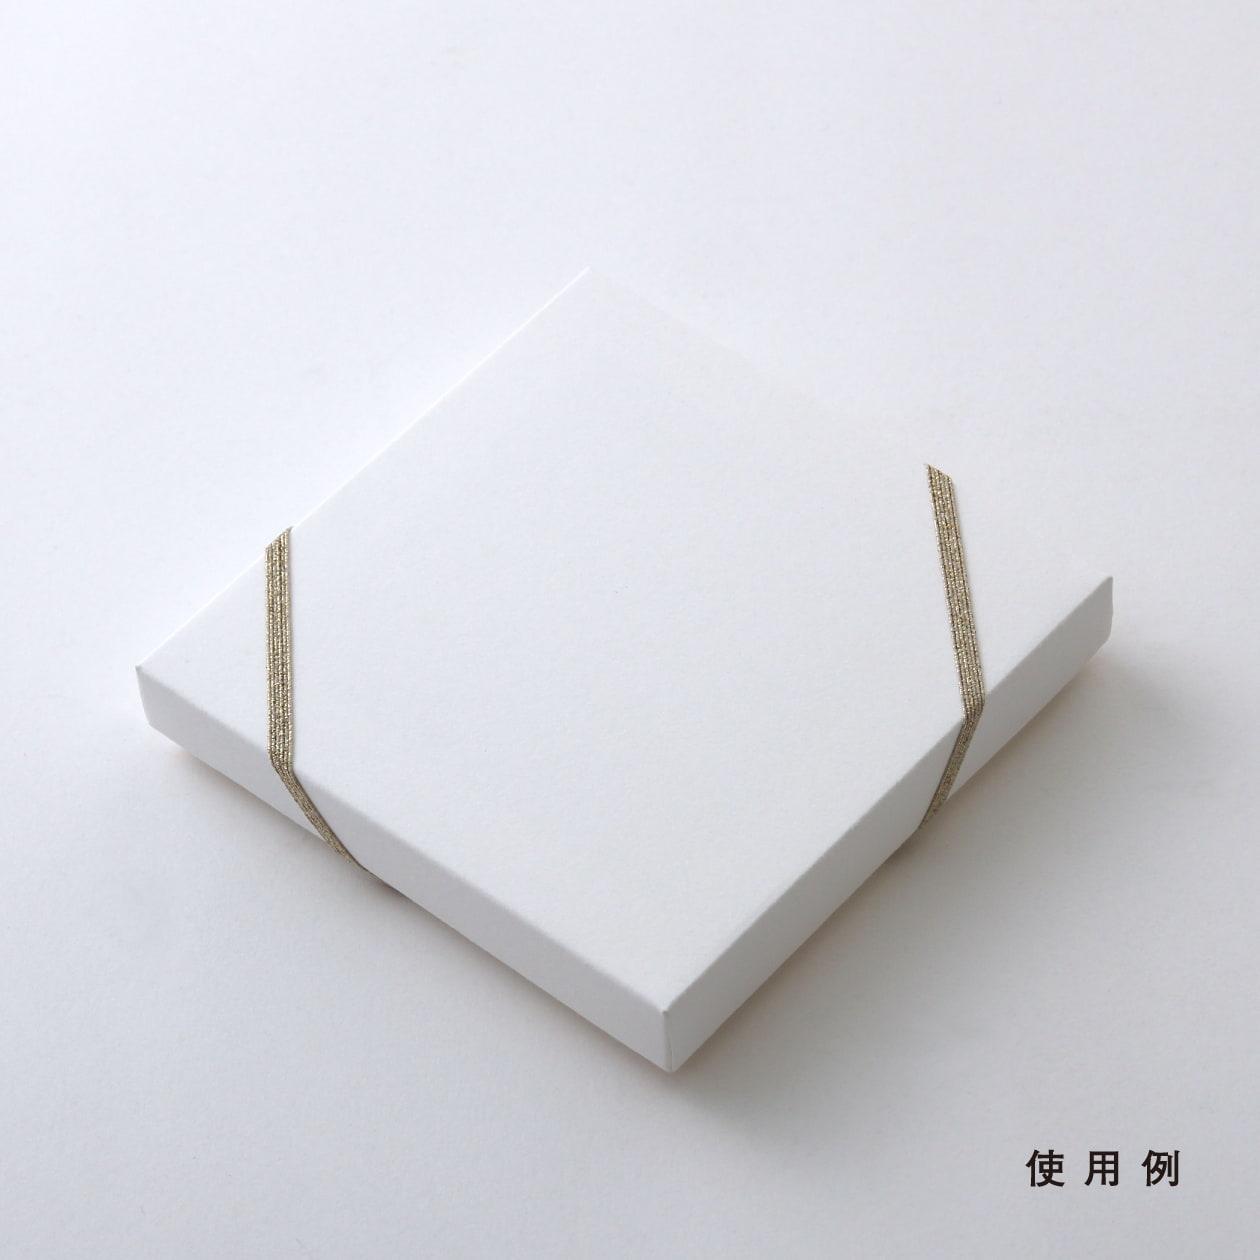 ゴムロング シャインゴールド(1パック/10本入)